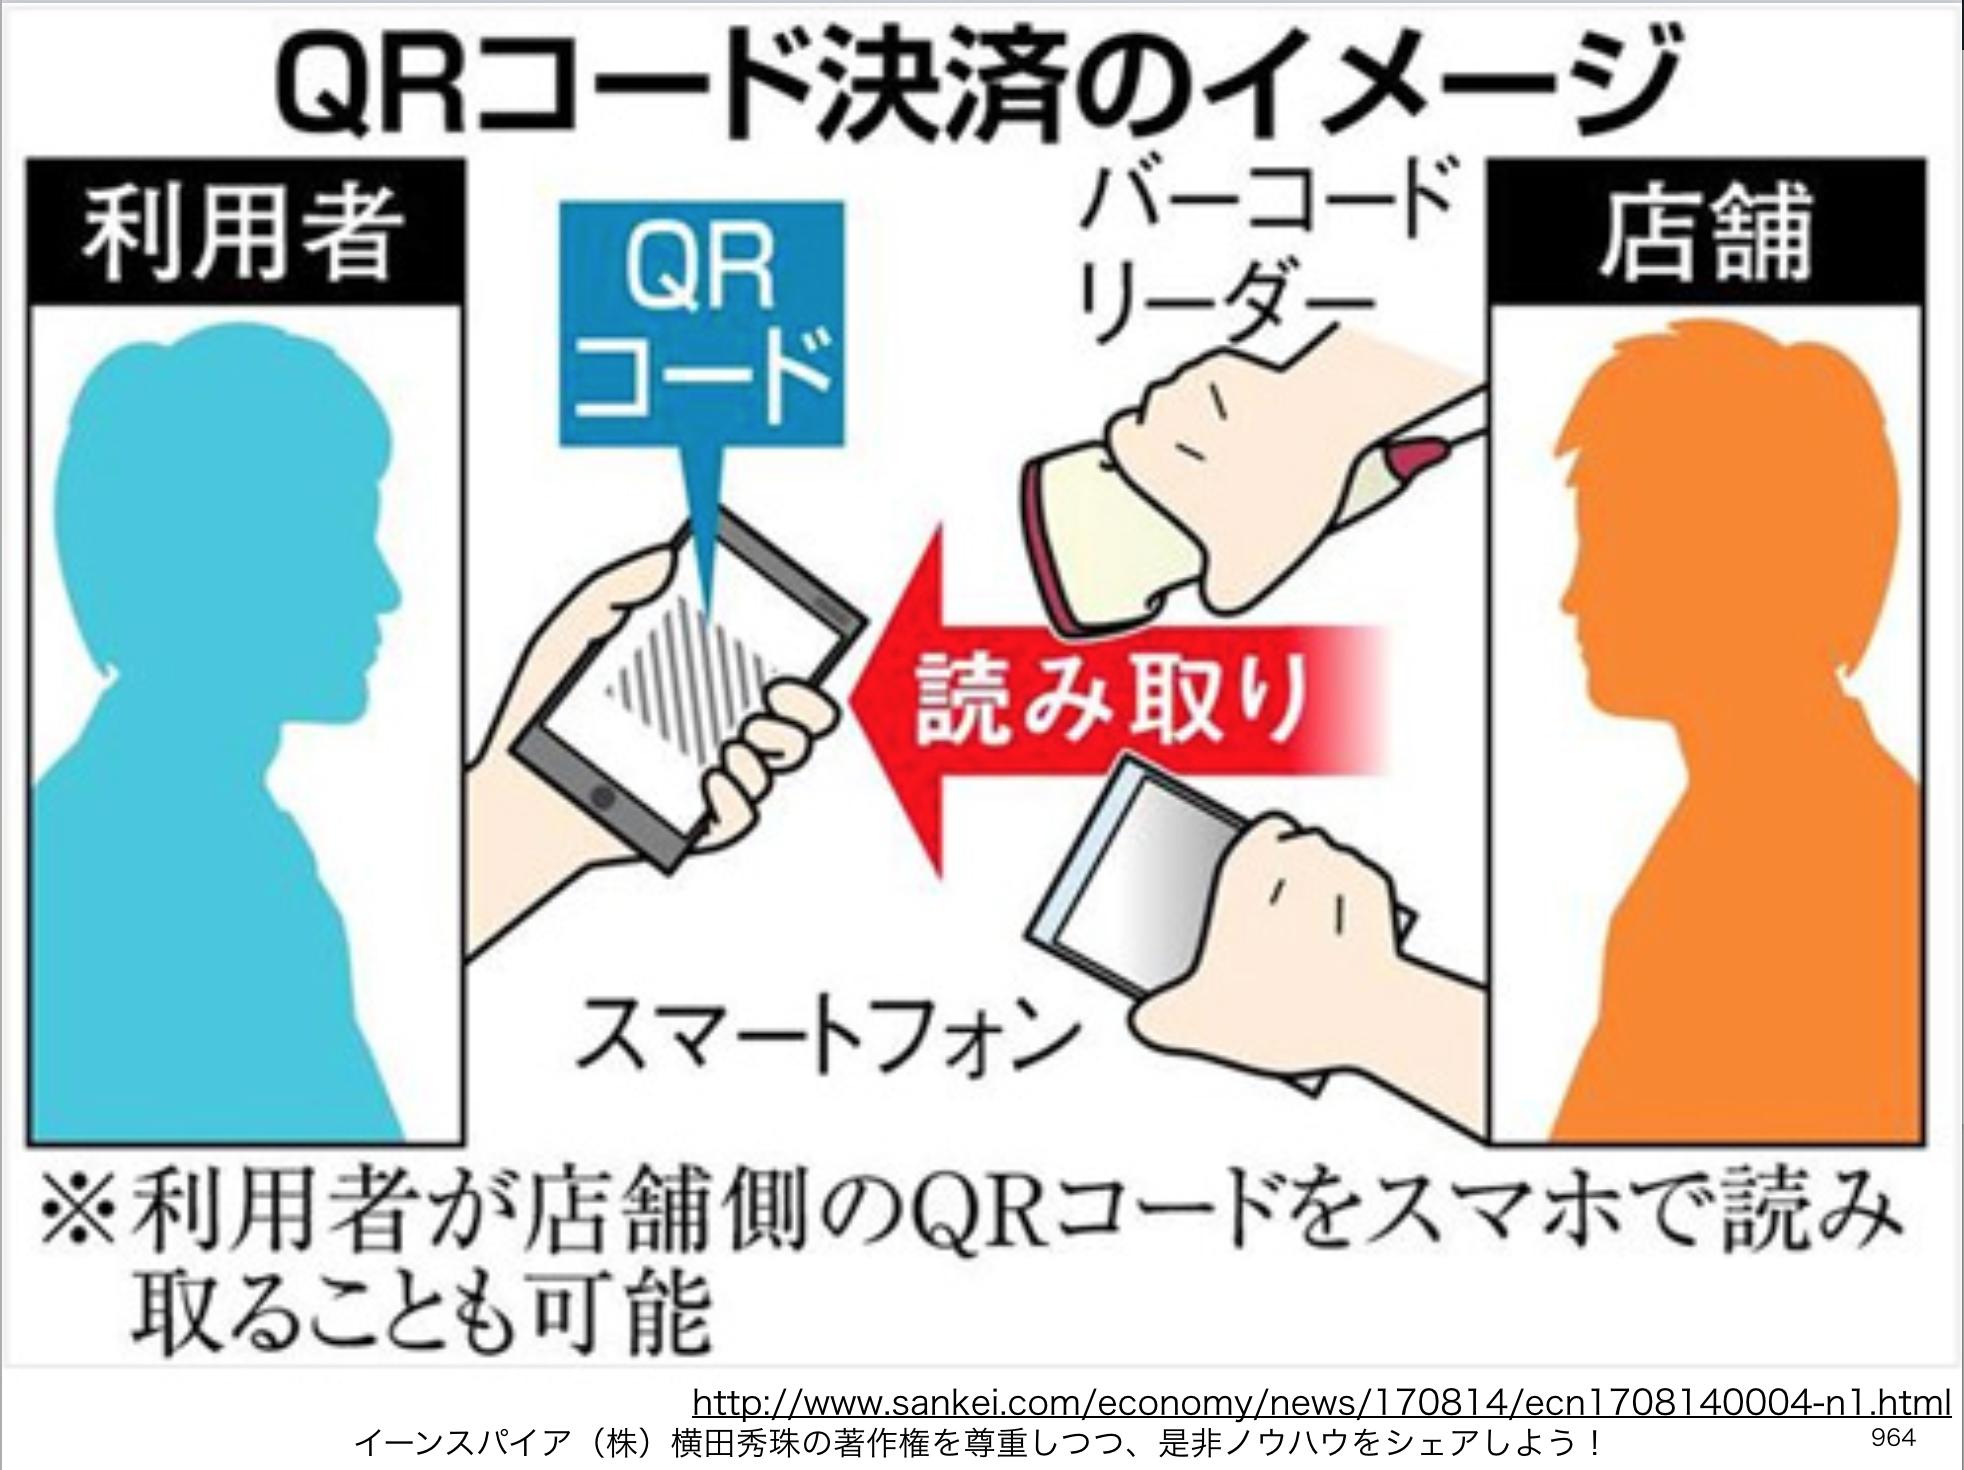 QRコード決済サービス一覧・ニュースまとめ・比較(随時更新)